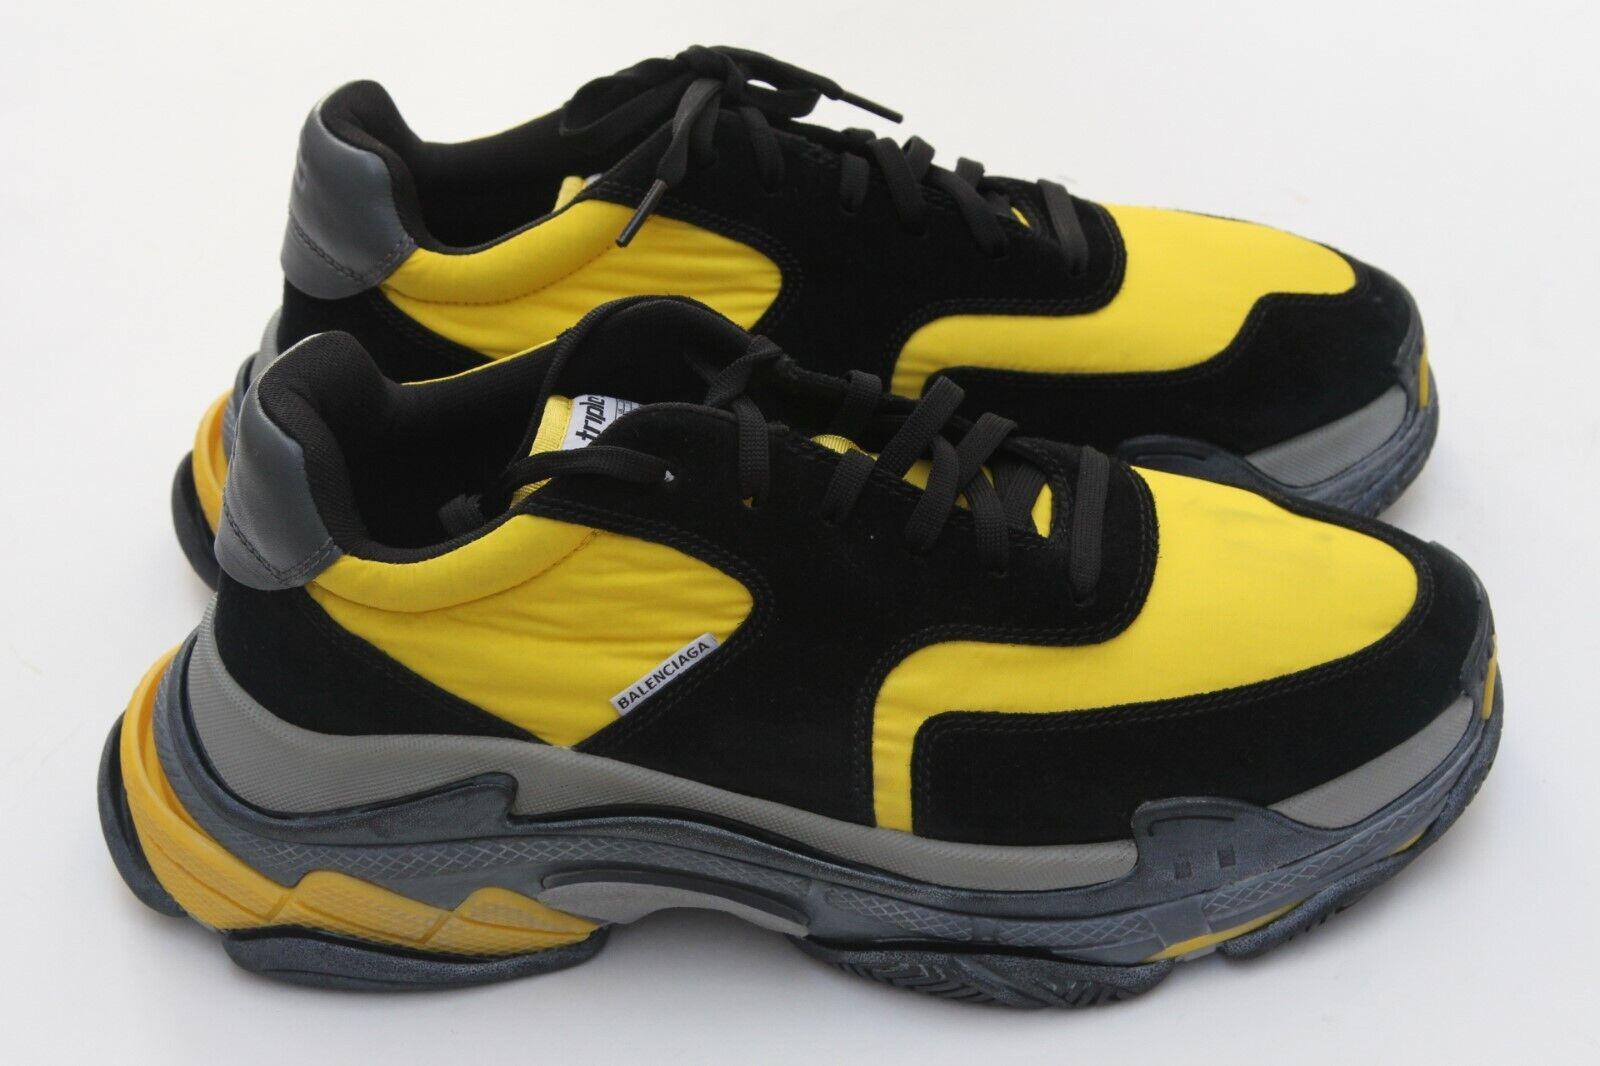 Los zapatos triple s, negro y amarillo, SZ 45   12.